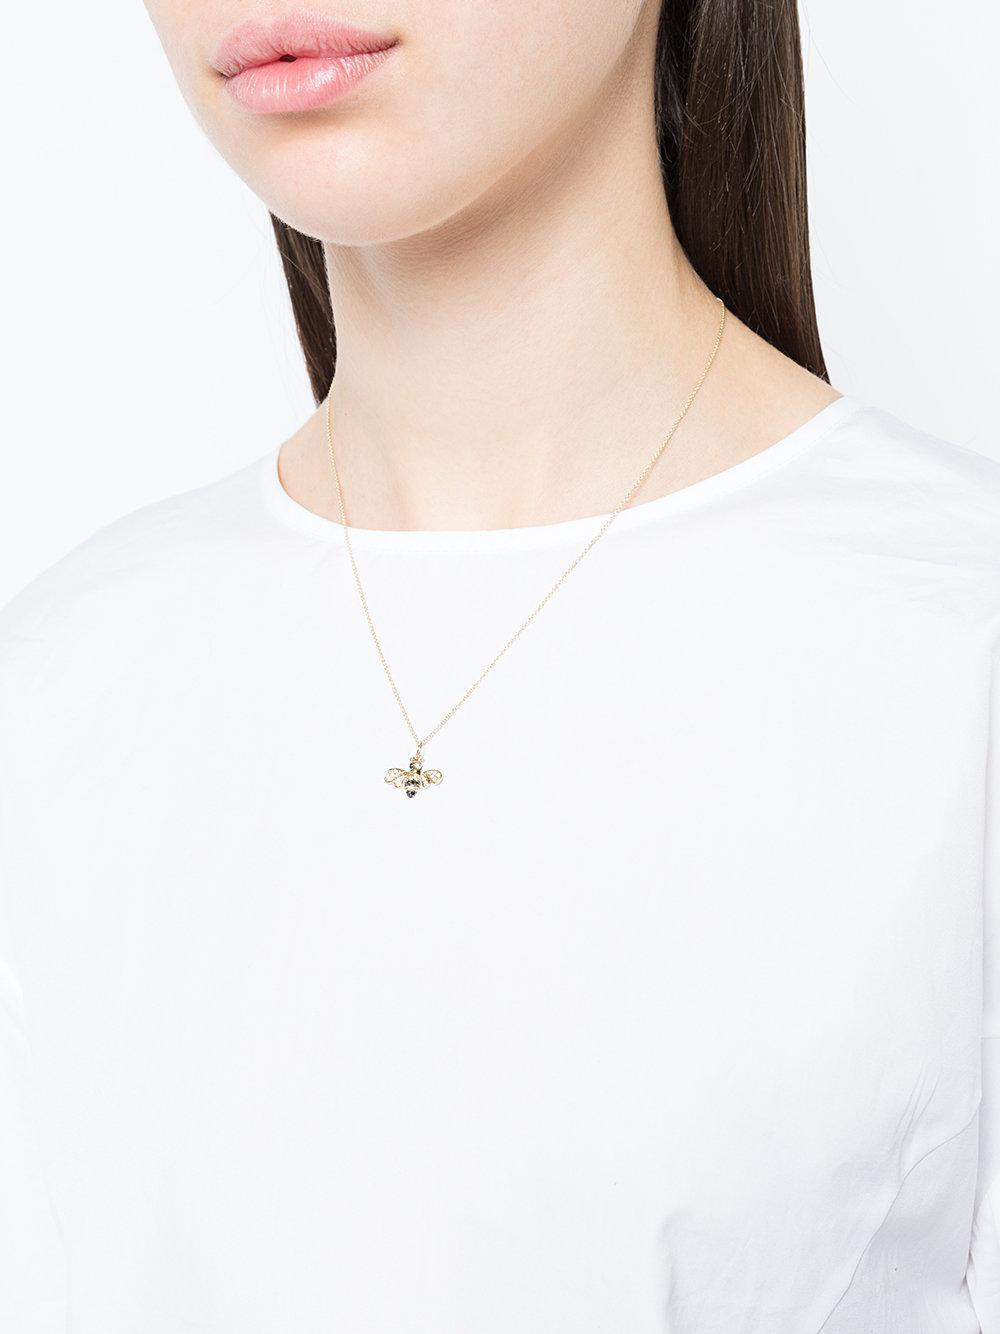 Sydney Evan Bumble Bee Necklace in Metallic